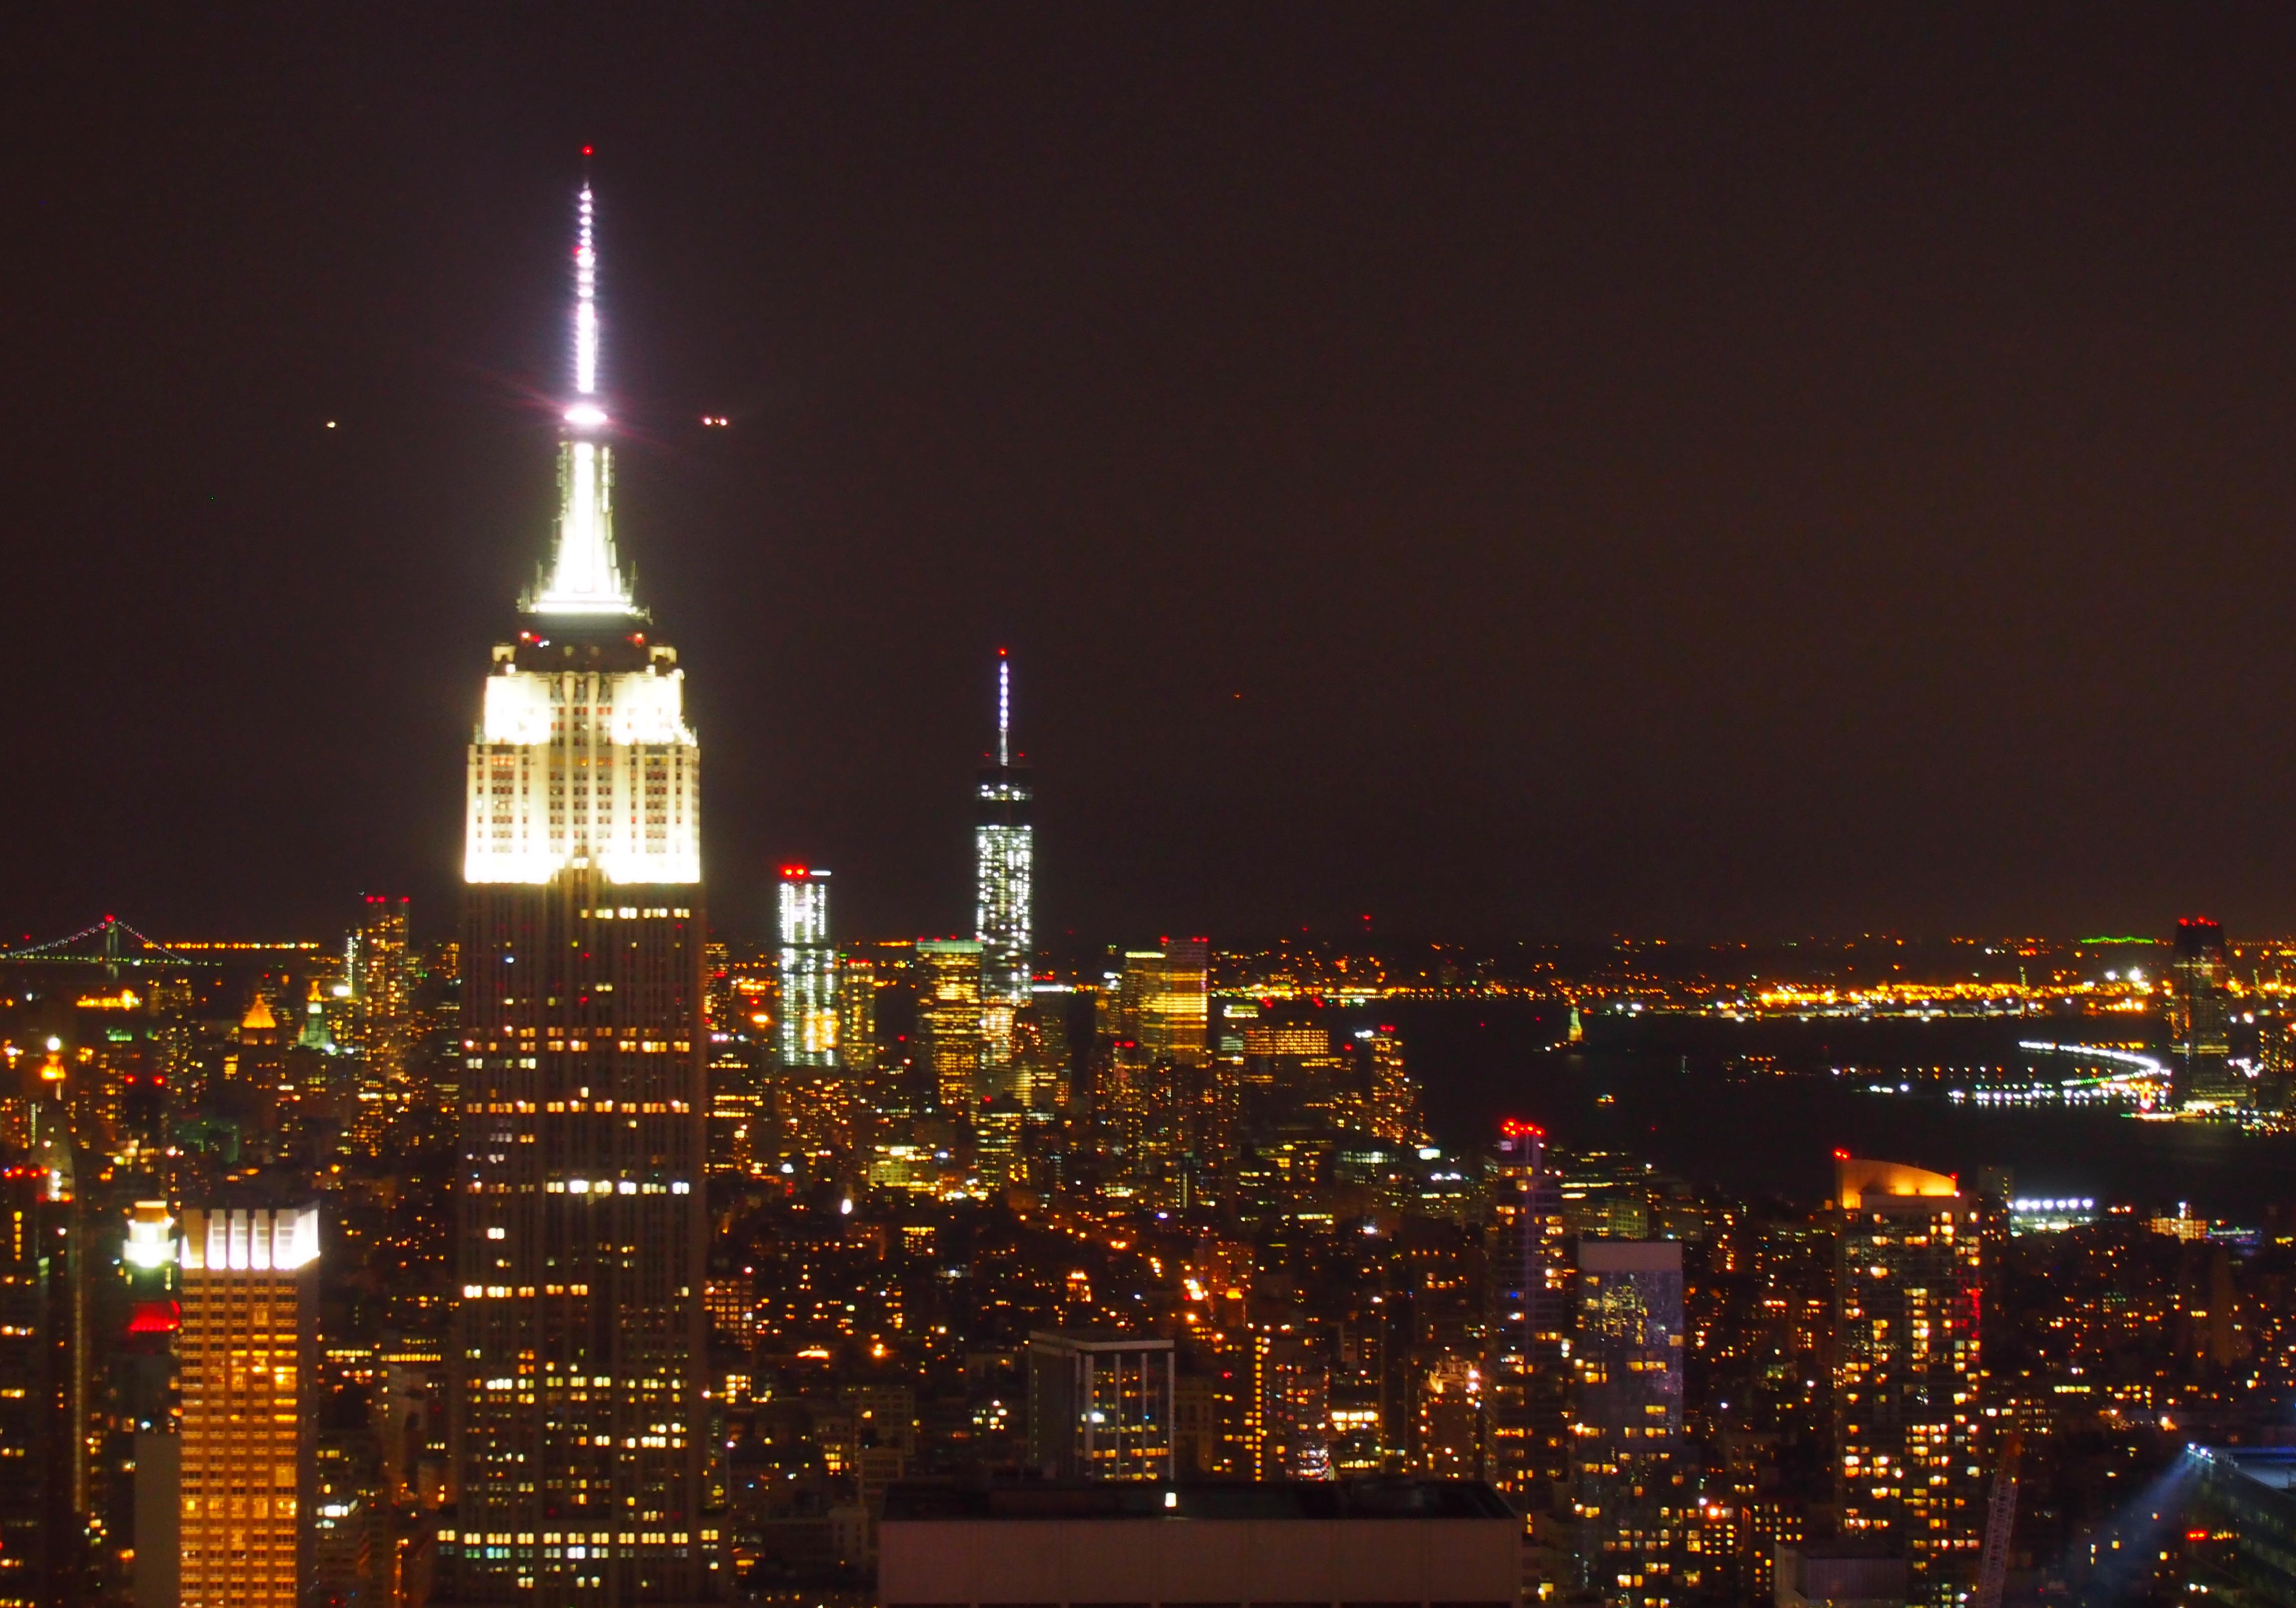 NYの夜景ならトップ・オブ・ザ・ロック!(ロックフェラーの展望台)